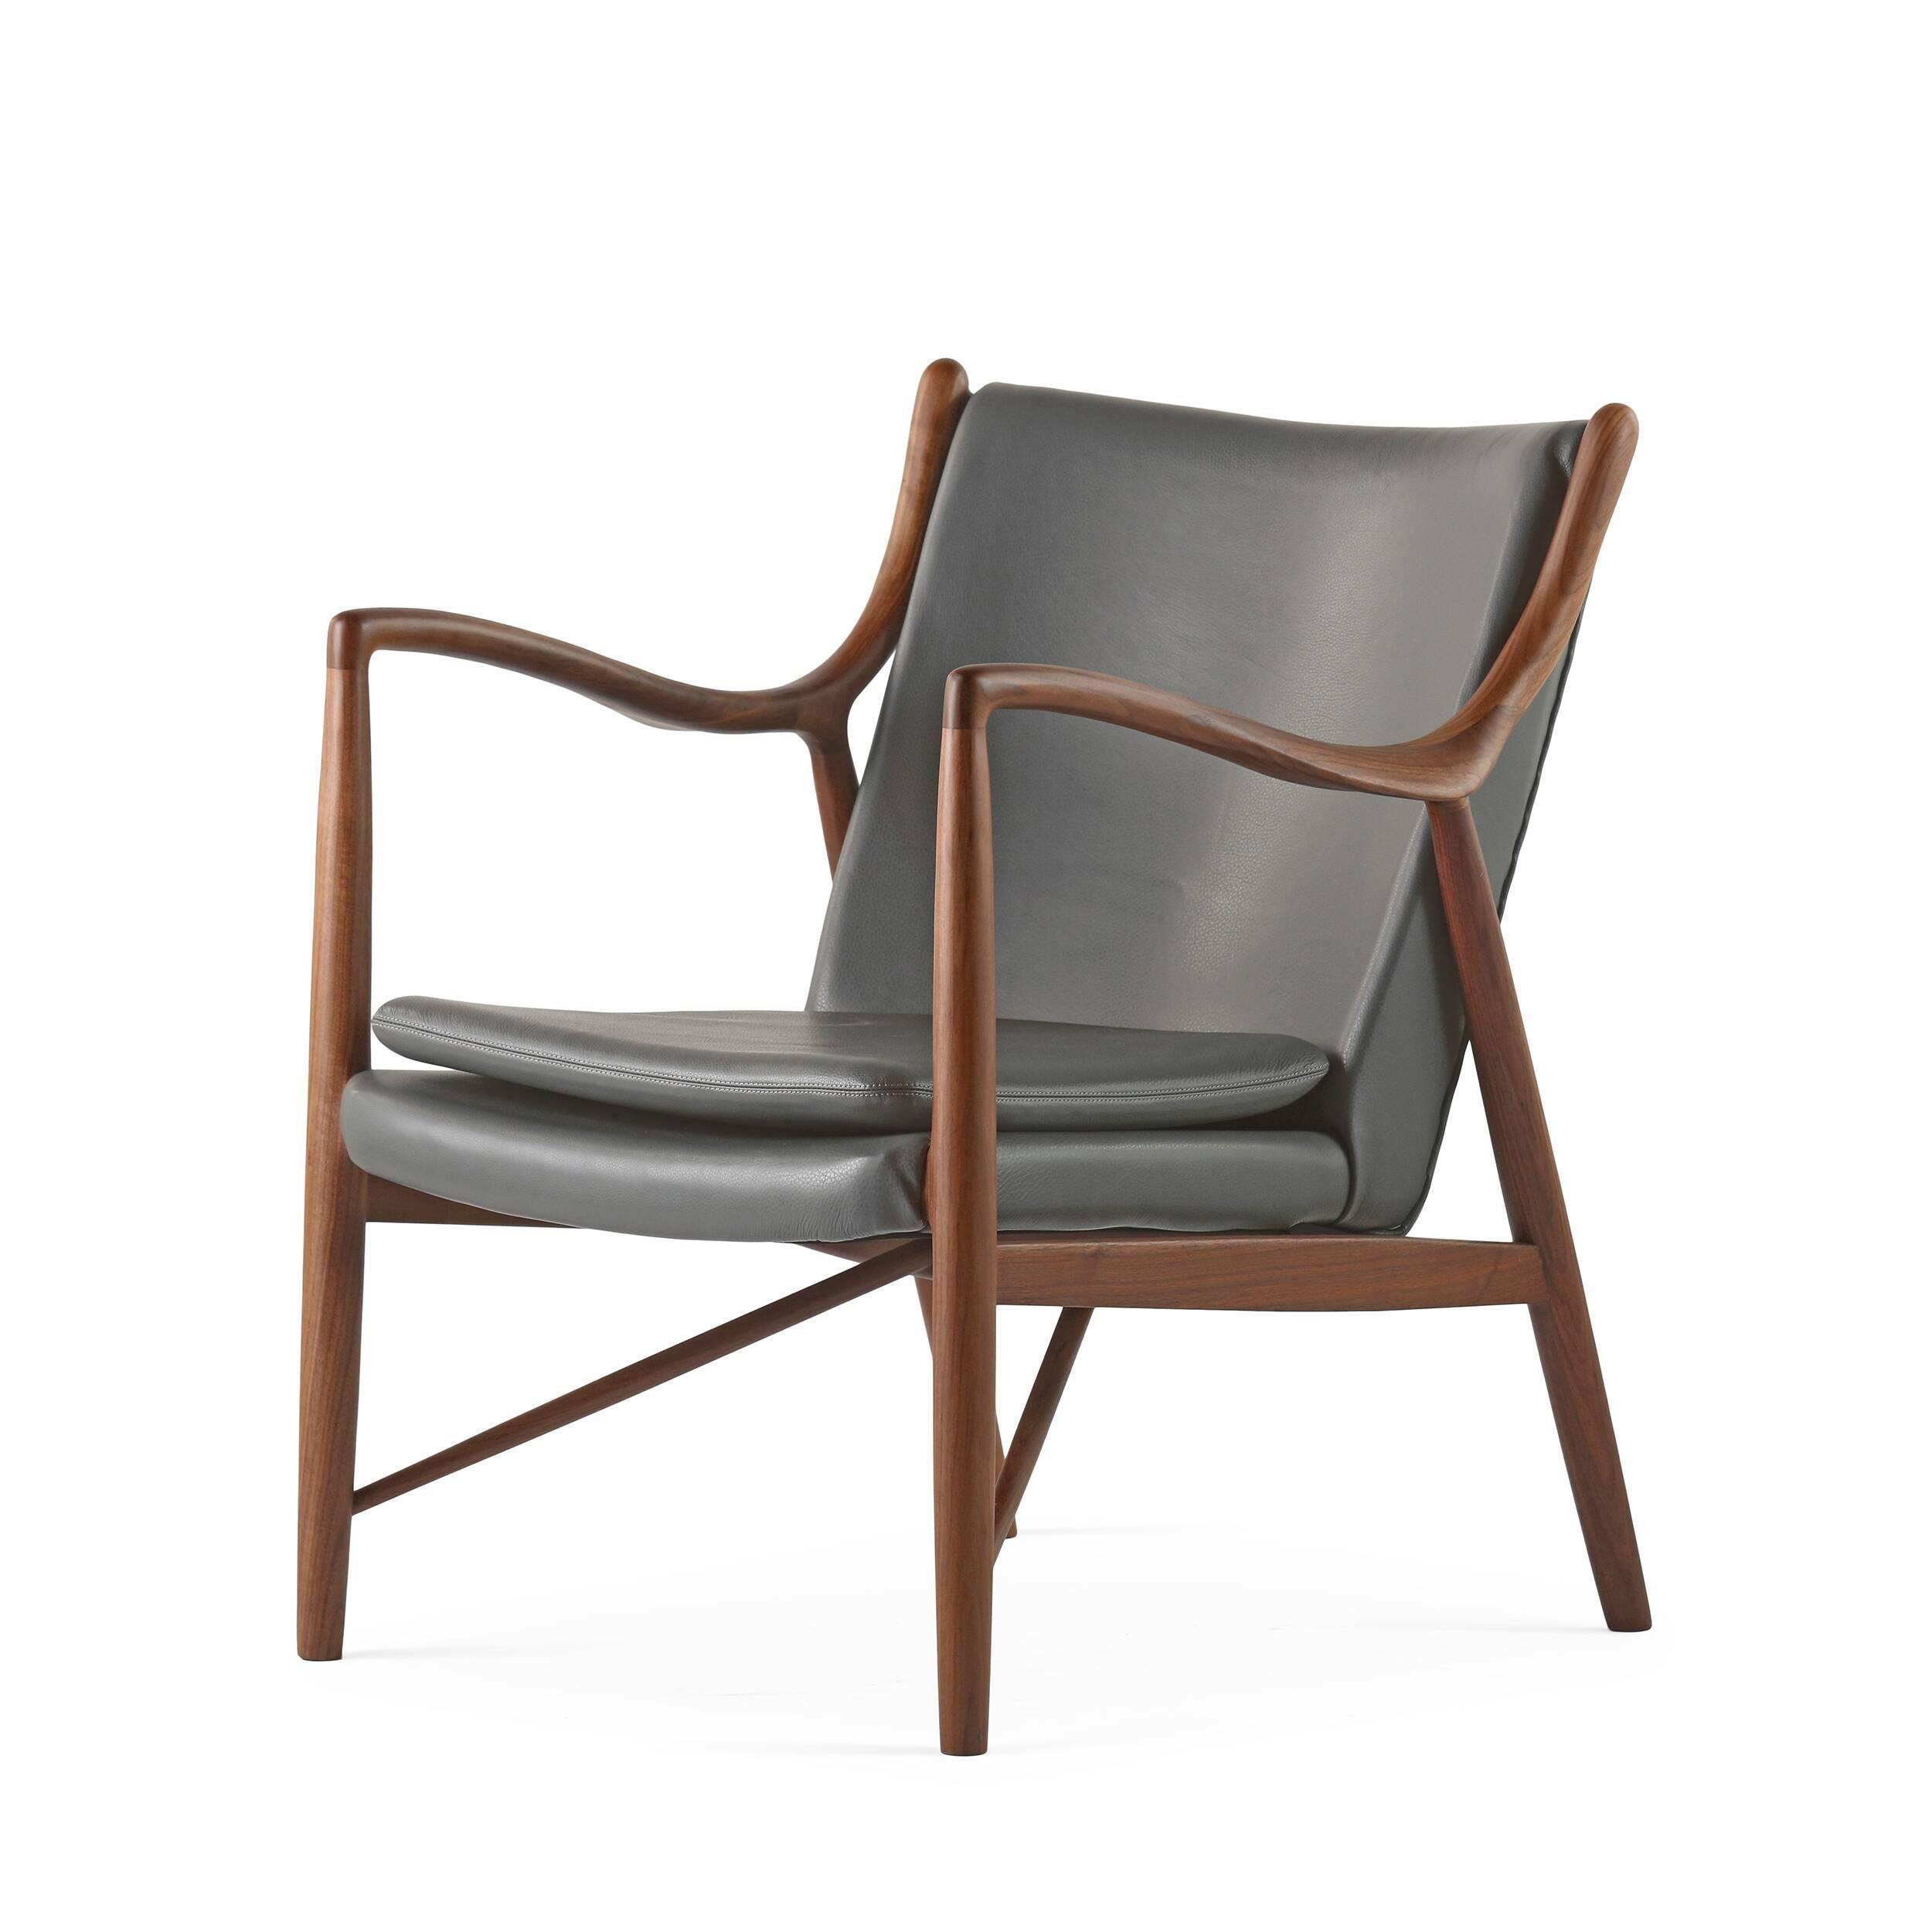 Кресло NV45Интерьерные<br>Дизайнерское элегантное легкое кресло NV45 (НВ45) с деревянной основой от Cosmo (Космо).<br><br><br> Финн Юль был пионером датского дизайна. В 1945 году он создал это фантастическое кресло, ставшее одной из первых работ, в которых он явно разрушал существовавшие традиции, освободив сиденье и спинку от несущей рамы. В результате получился простой и элегантный стул, который охарактеризовал весь стиль Финна Юля и сделал его всемирно известным дизайнером. Работа была названа просто: «45».<br><br><br> Мно...<br><br>stock: 3<br>Высота: 83<br>Высота сиденья: 42<br>Ширина: 71<br>Глубина: 76<br>Материал каркаса: Массив ореха<br>Тип материала каркаса: Дерево<br>Коллекция ткани: Harry Leather<br>Тип материала обивки: Кожа<br>Цвет обивки: Темно-серый<br>Цвет каркаса: Орех американский